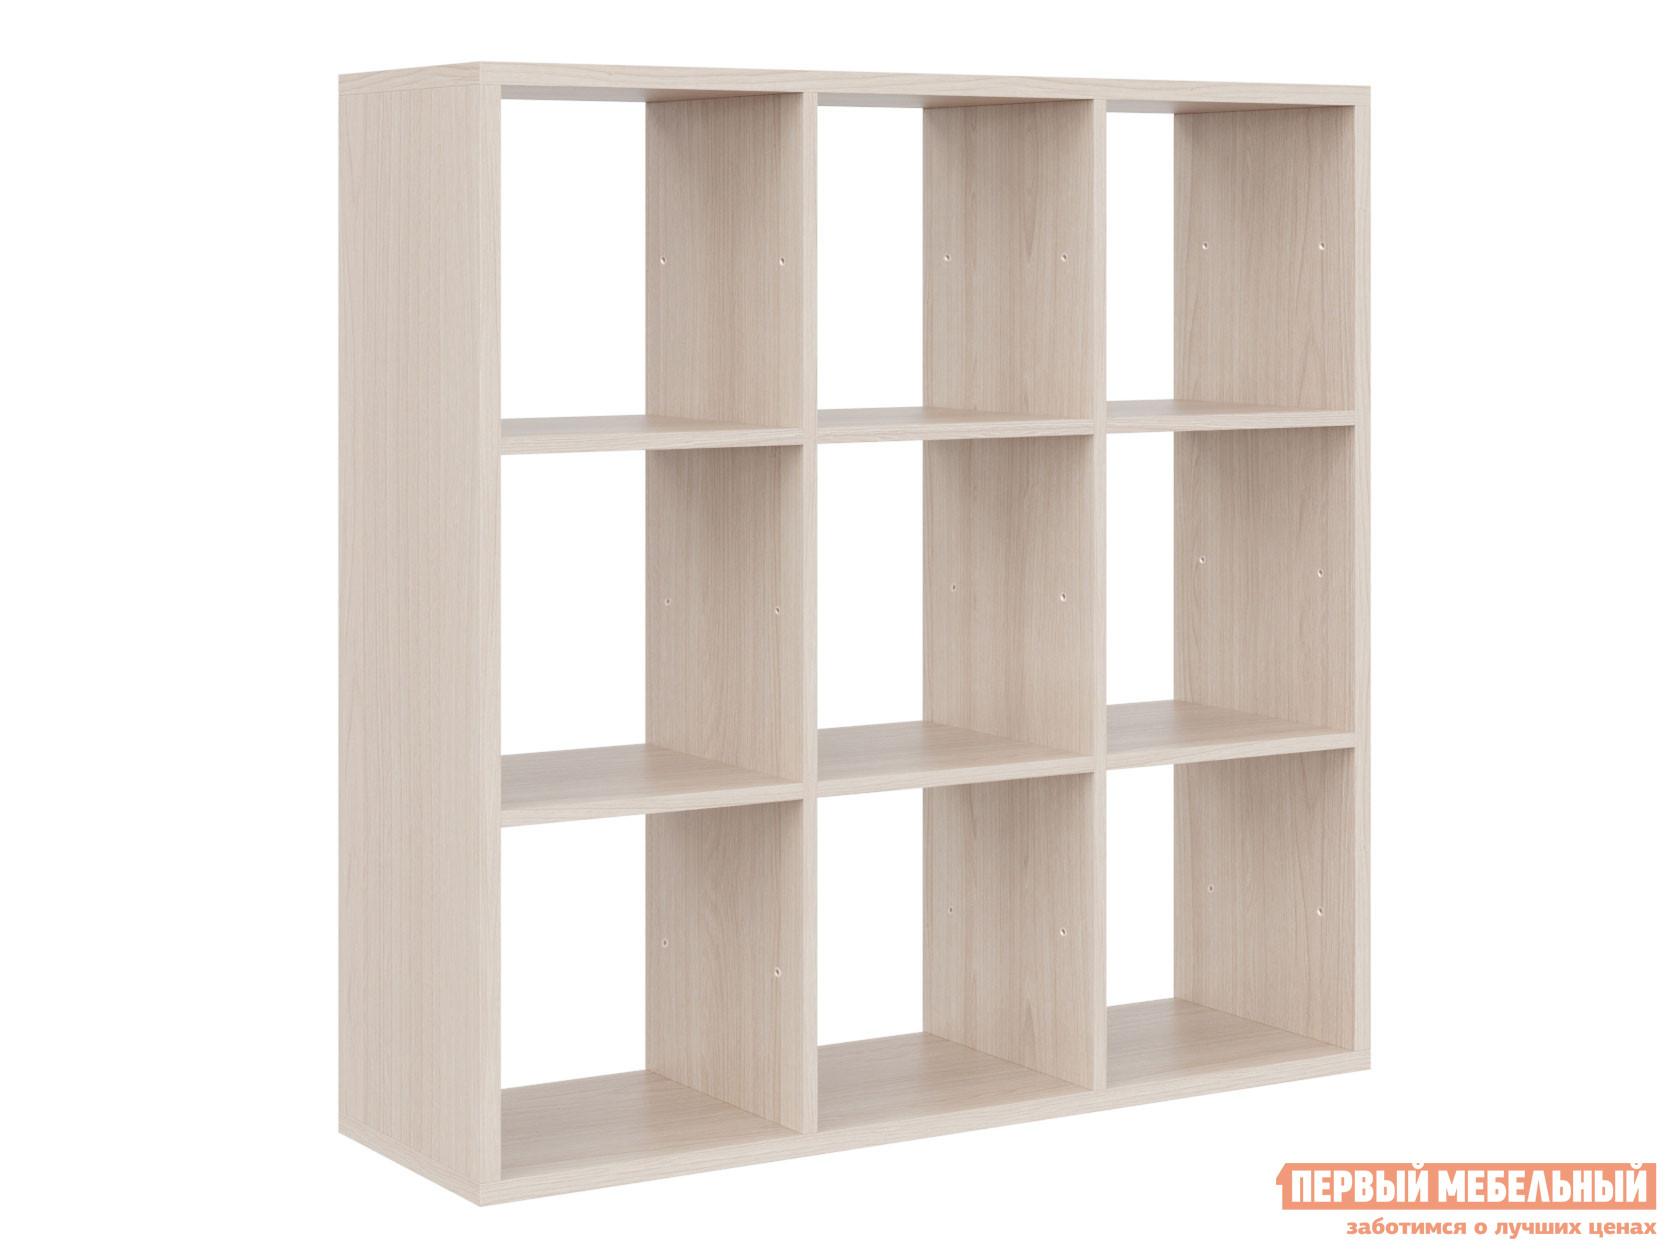 Стеллаж Первый Мебельный Стеллаж Микс 9